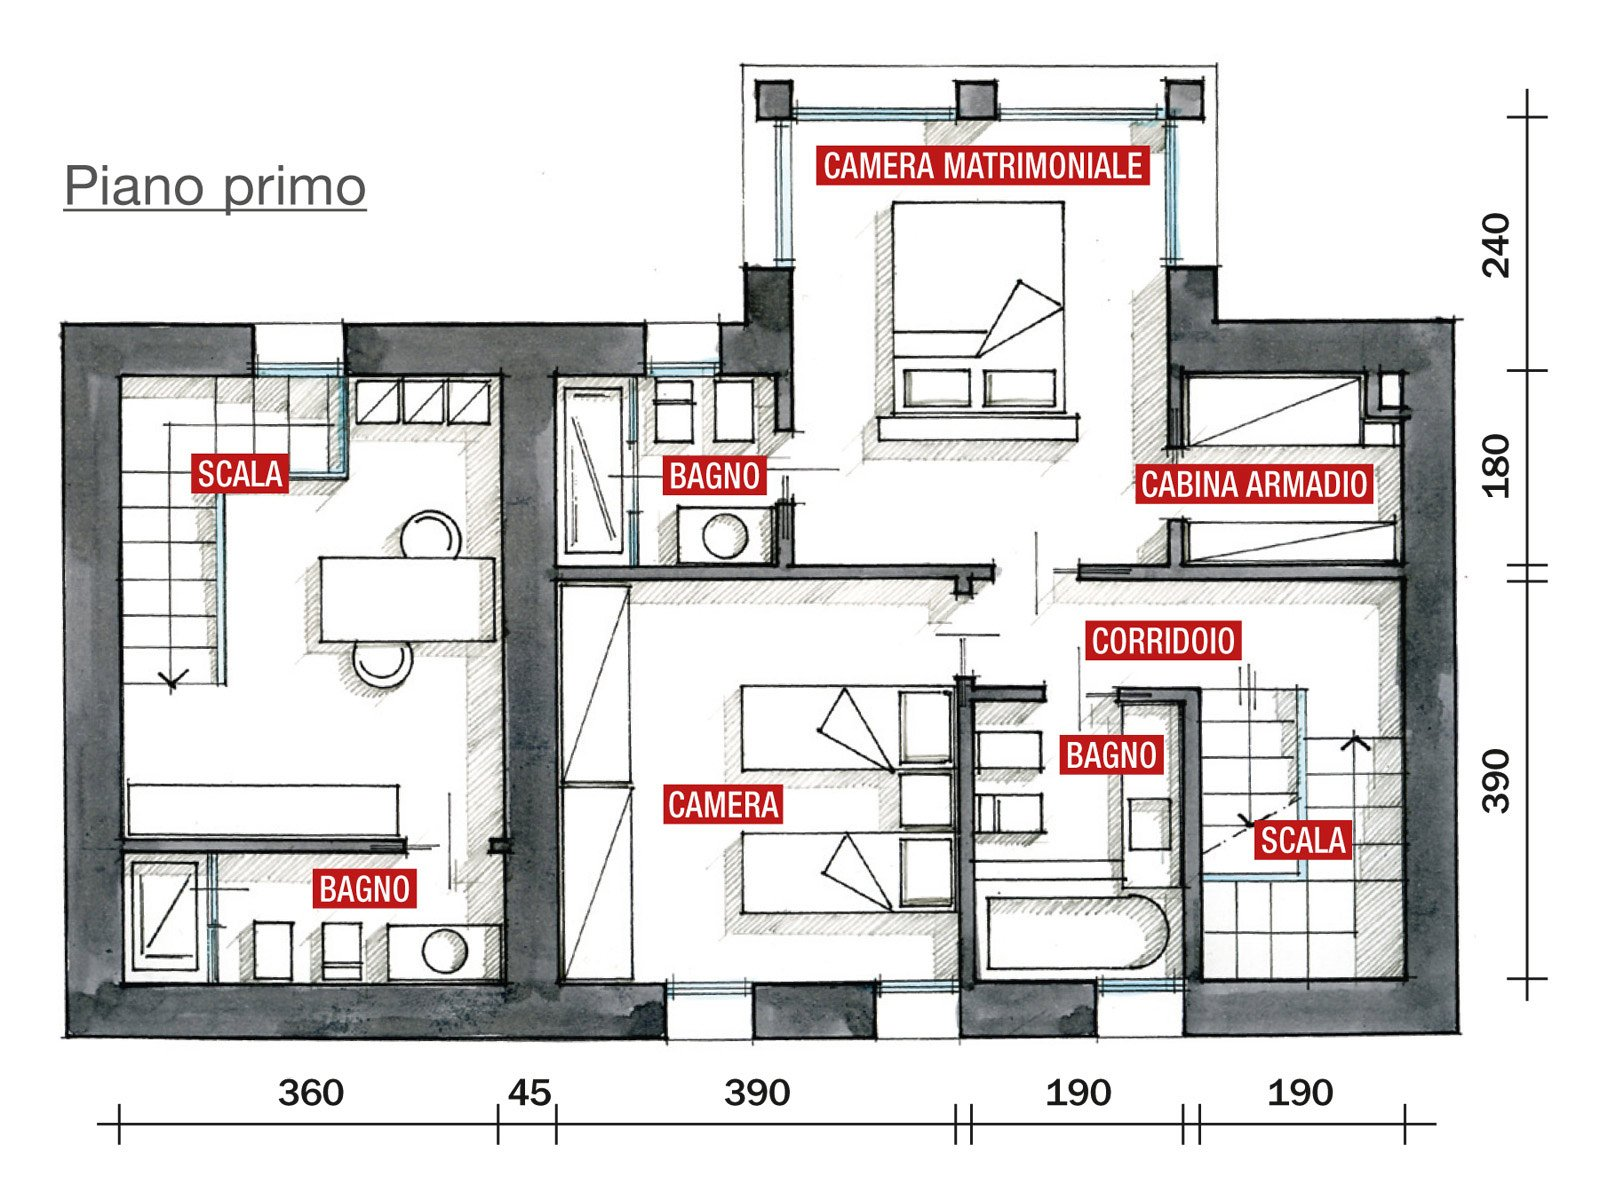 Legno e pietra a vista nella casa restaurata cose di casa for Grandi planimetrie per le case